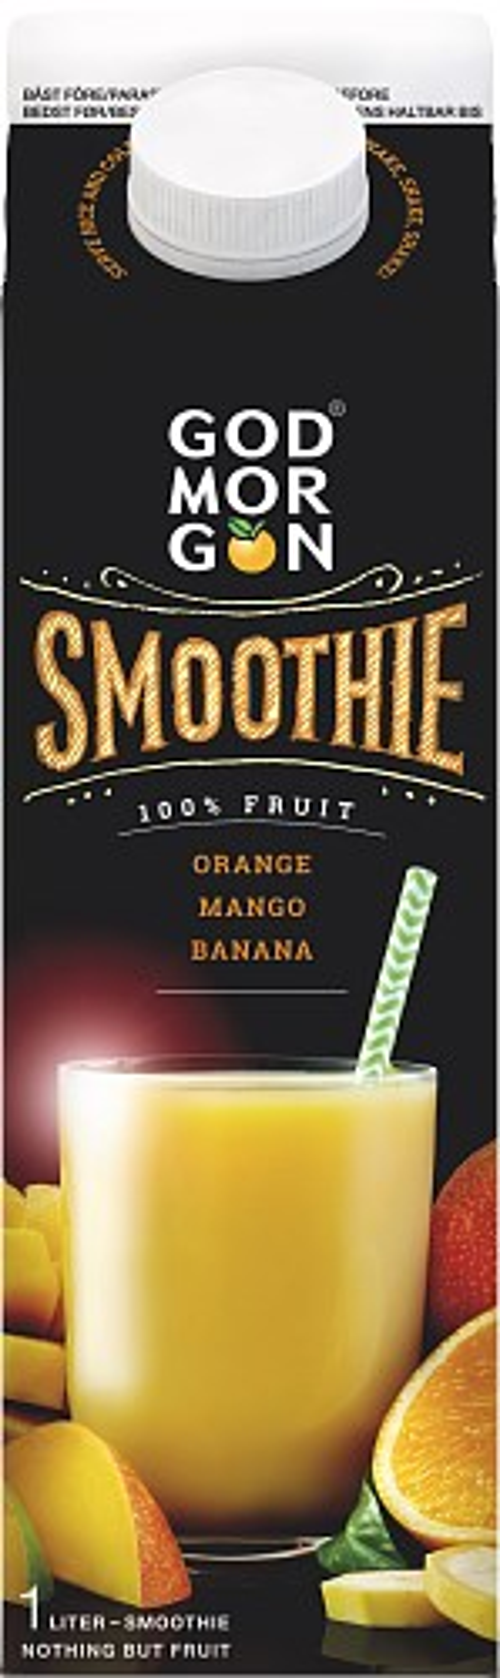 God Morgon® Smoothie Mango Orange (Banana)